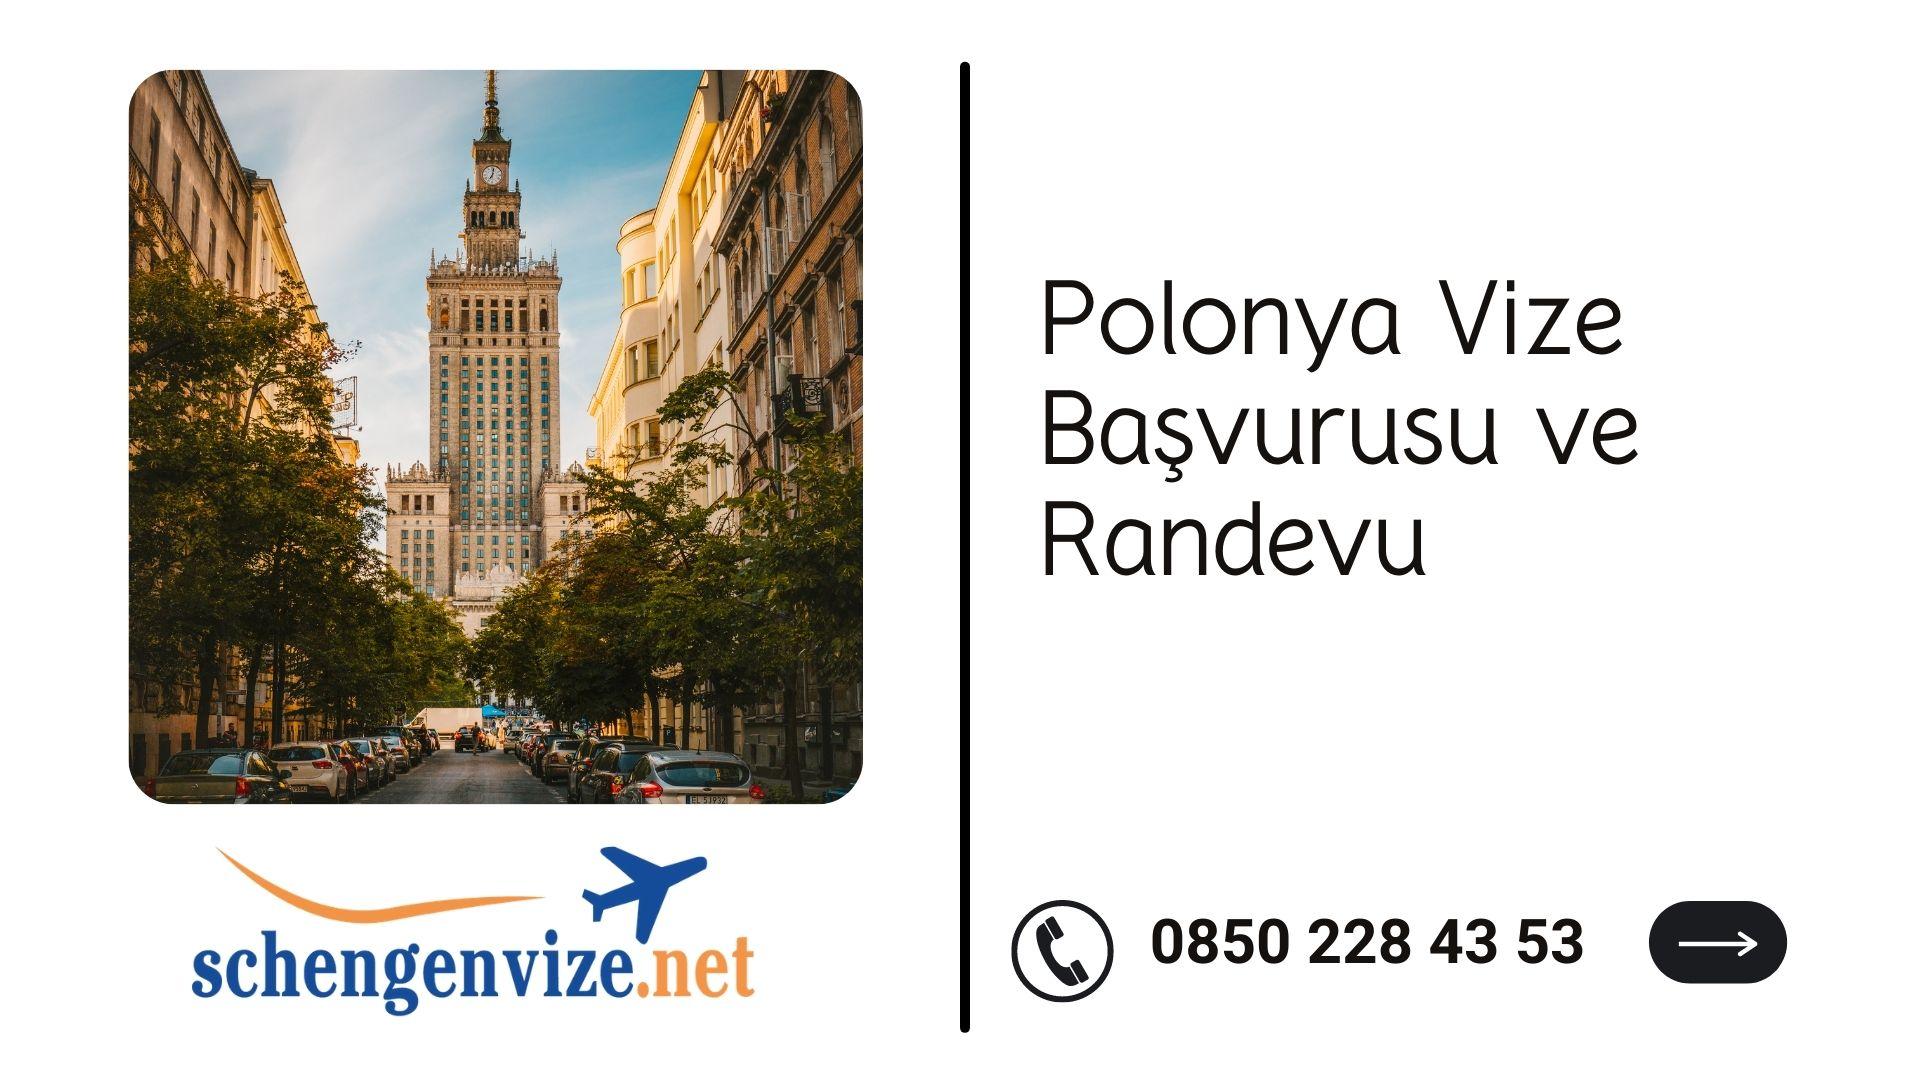 Polonya Vize Başvurusu ve Randevu